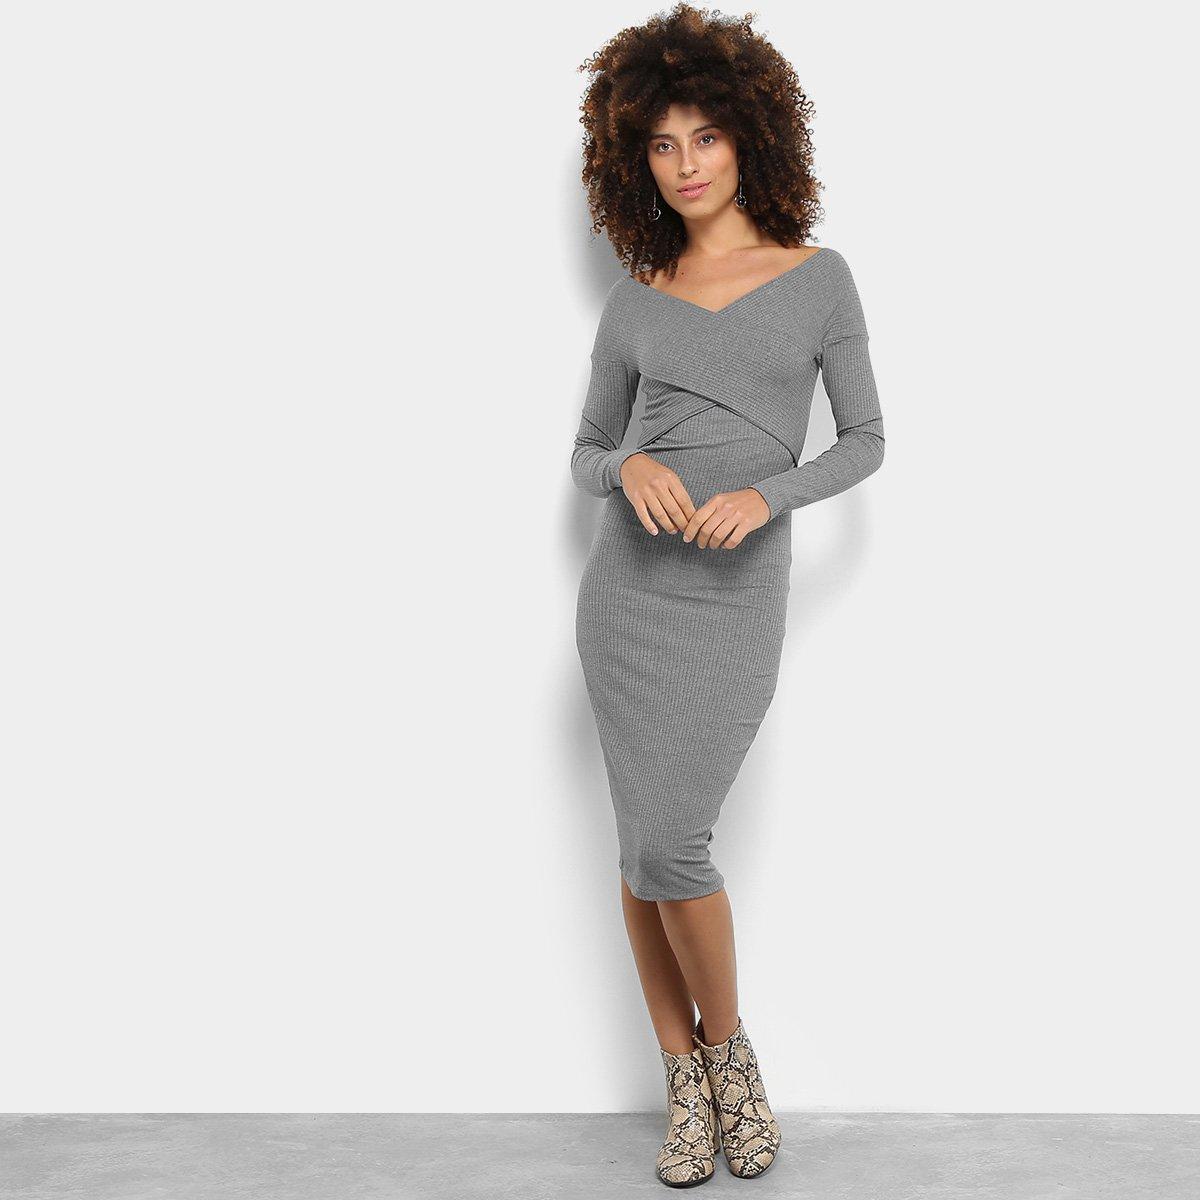 vestido midi tubinho 2021